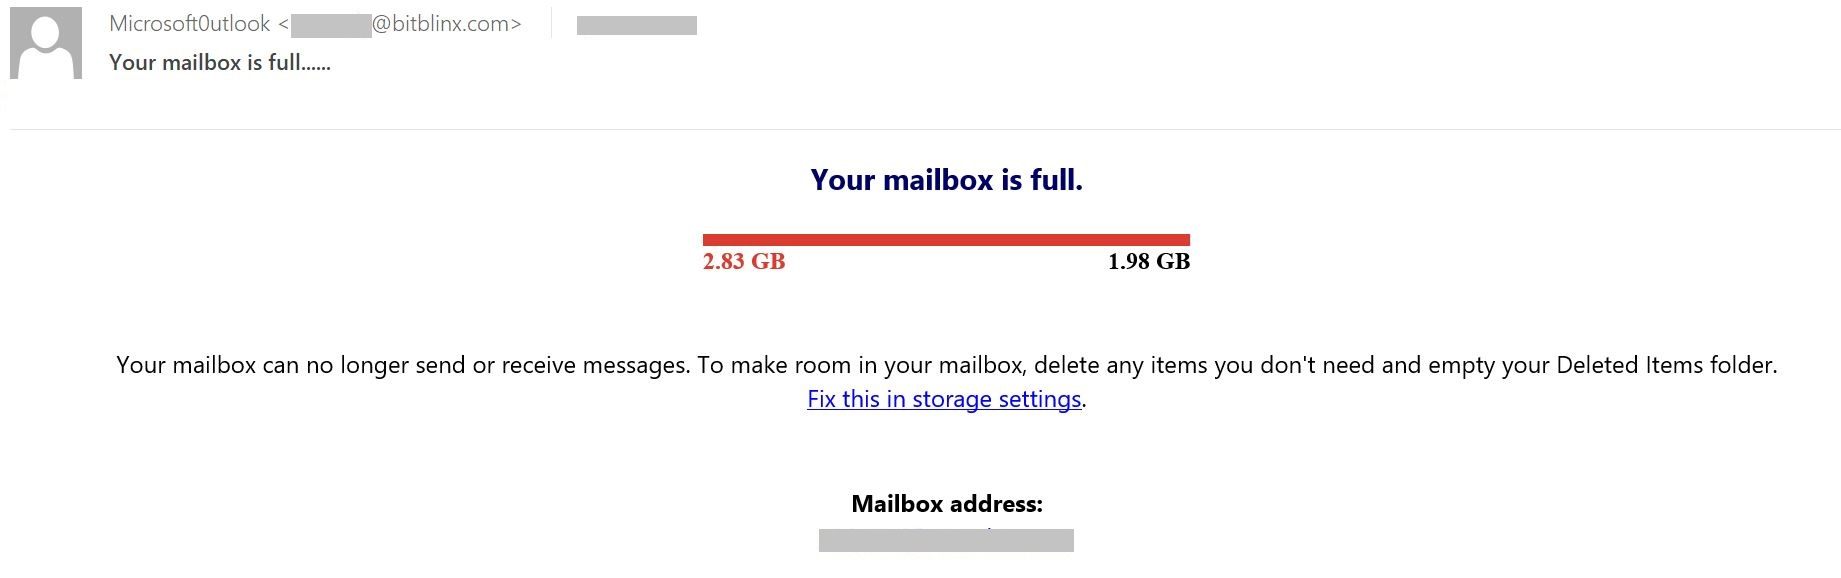 Un correo electrónico típico de phishing que utiliza la estafa de casilla de correo llena.